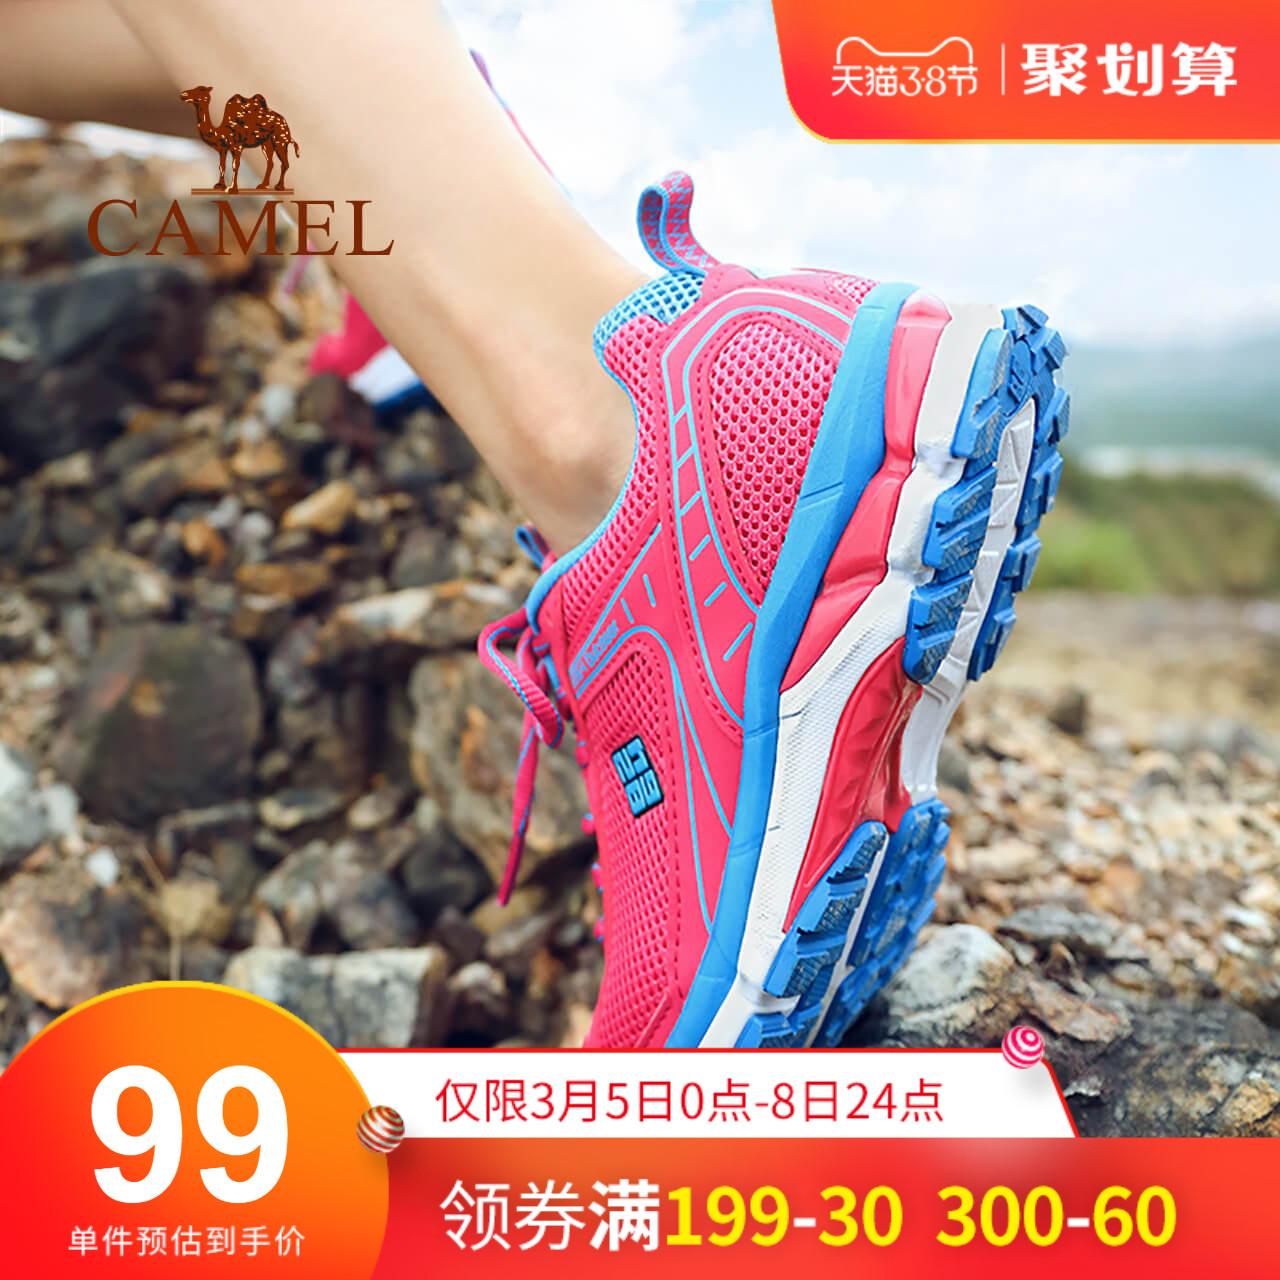 特卖骆驼女鞋女士运动鞋厚底系带休闲鞋户外徒步鞋登山鞋运动鞋女